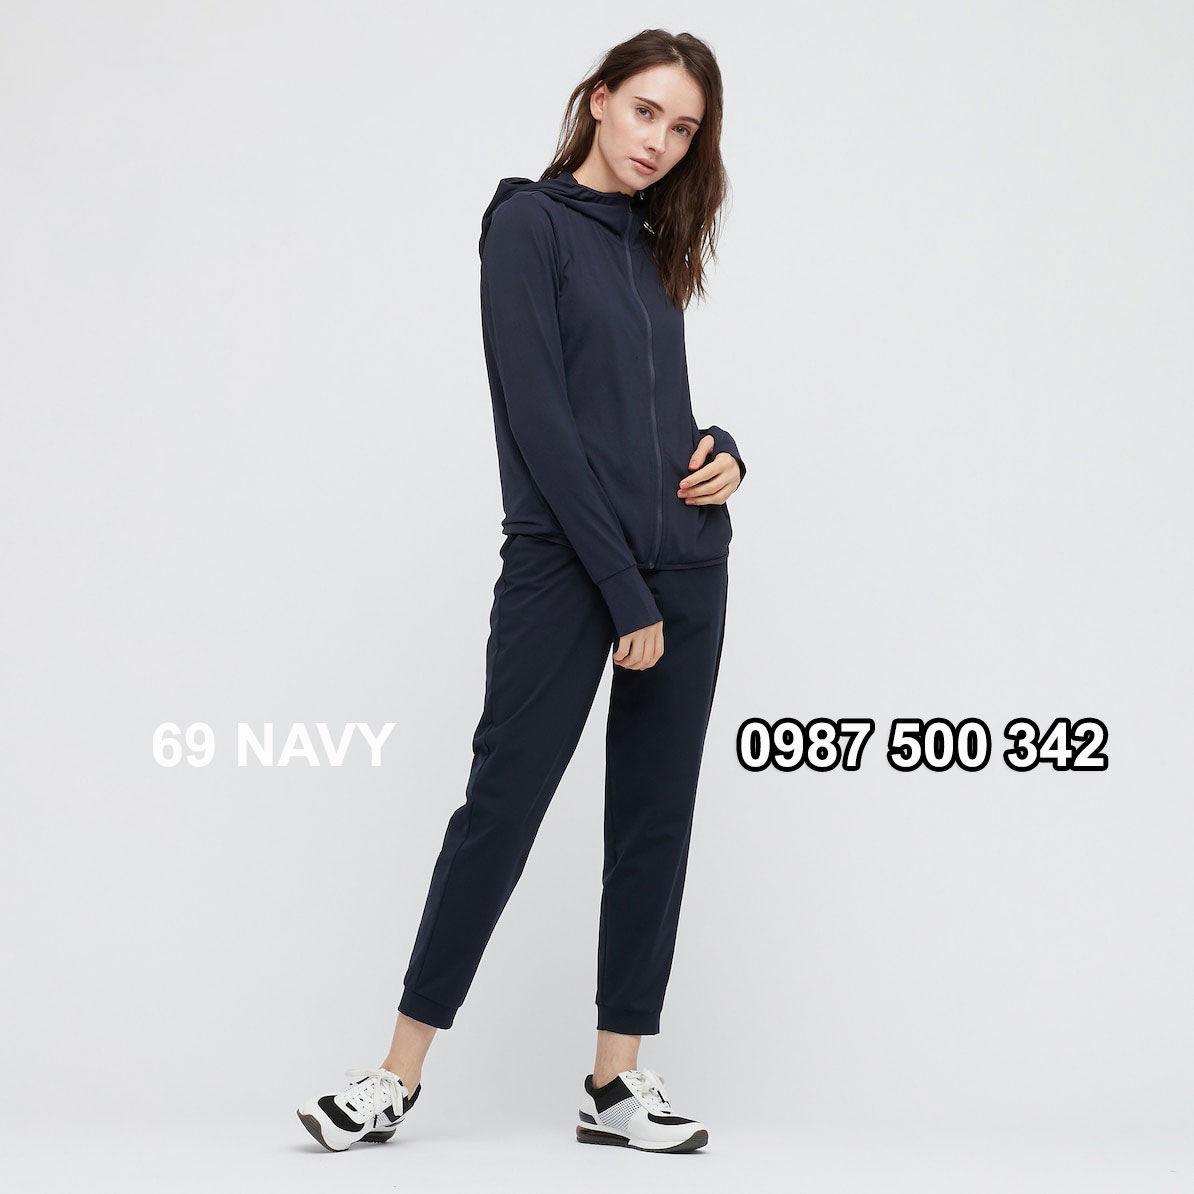 Áo chống nắng nữ Uniqlo AiRism 2021 màu xanh đen 69 NAVY 433703